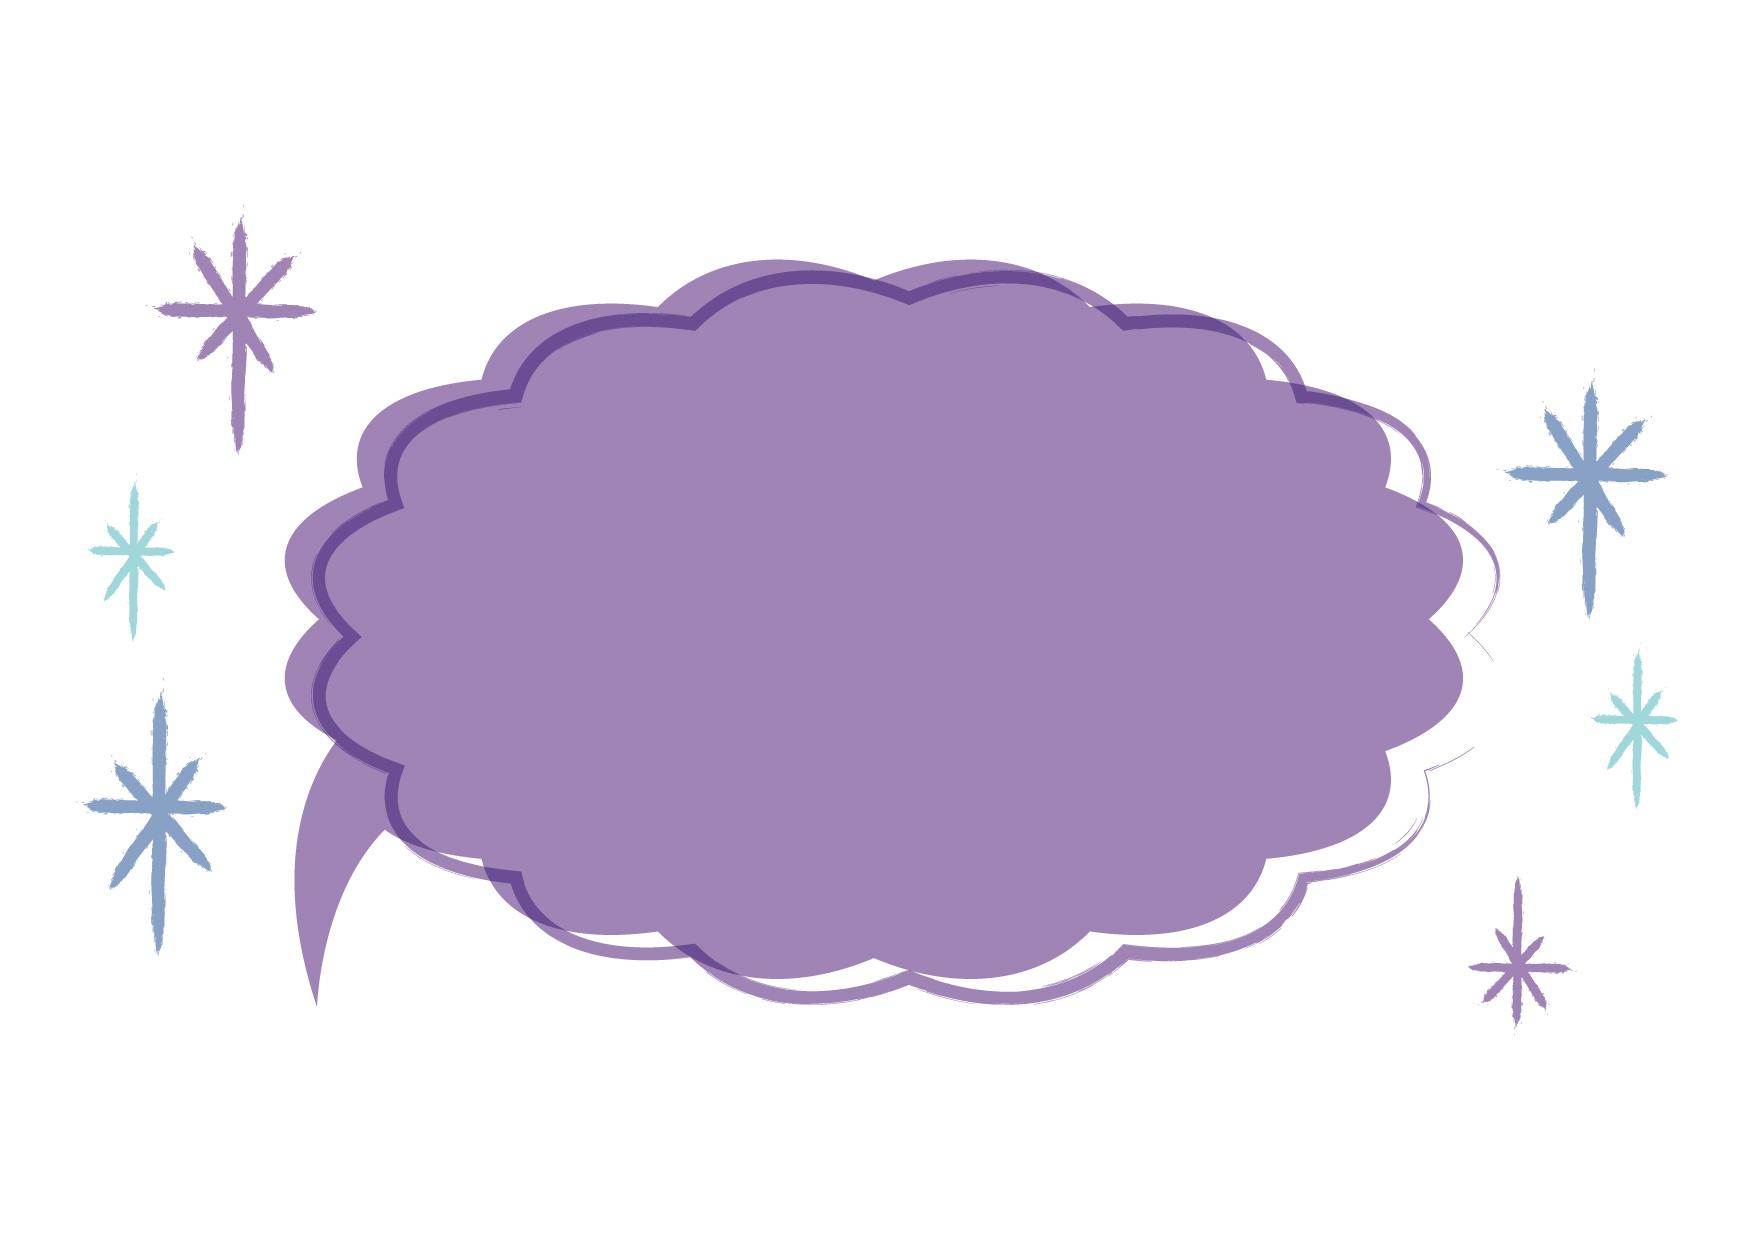 吹き出し 紫色 背景 イラスト 無料 無料イラストのイラスト